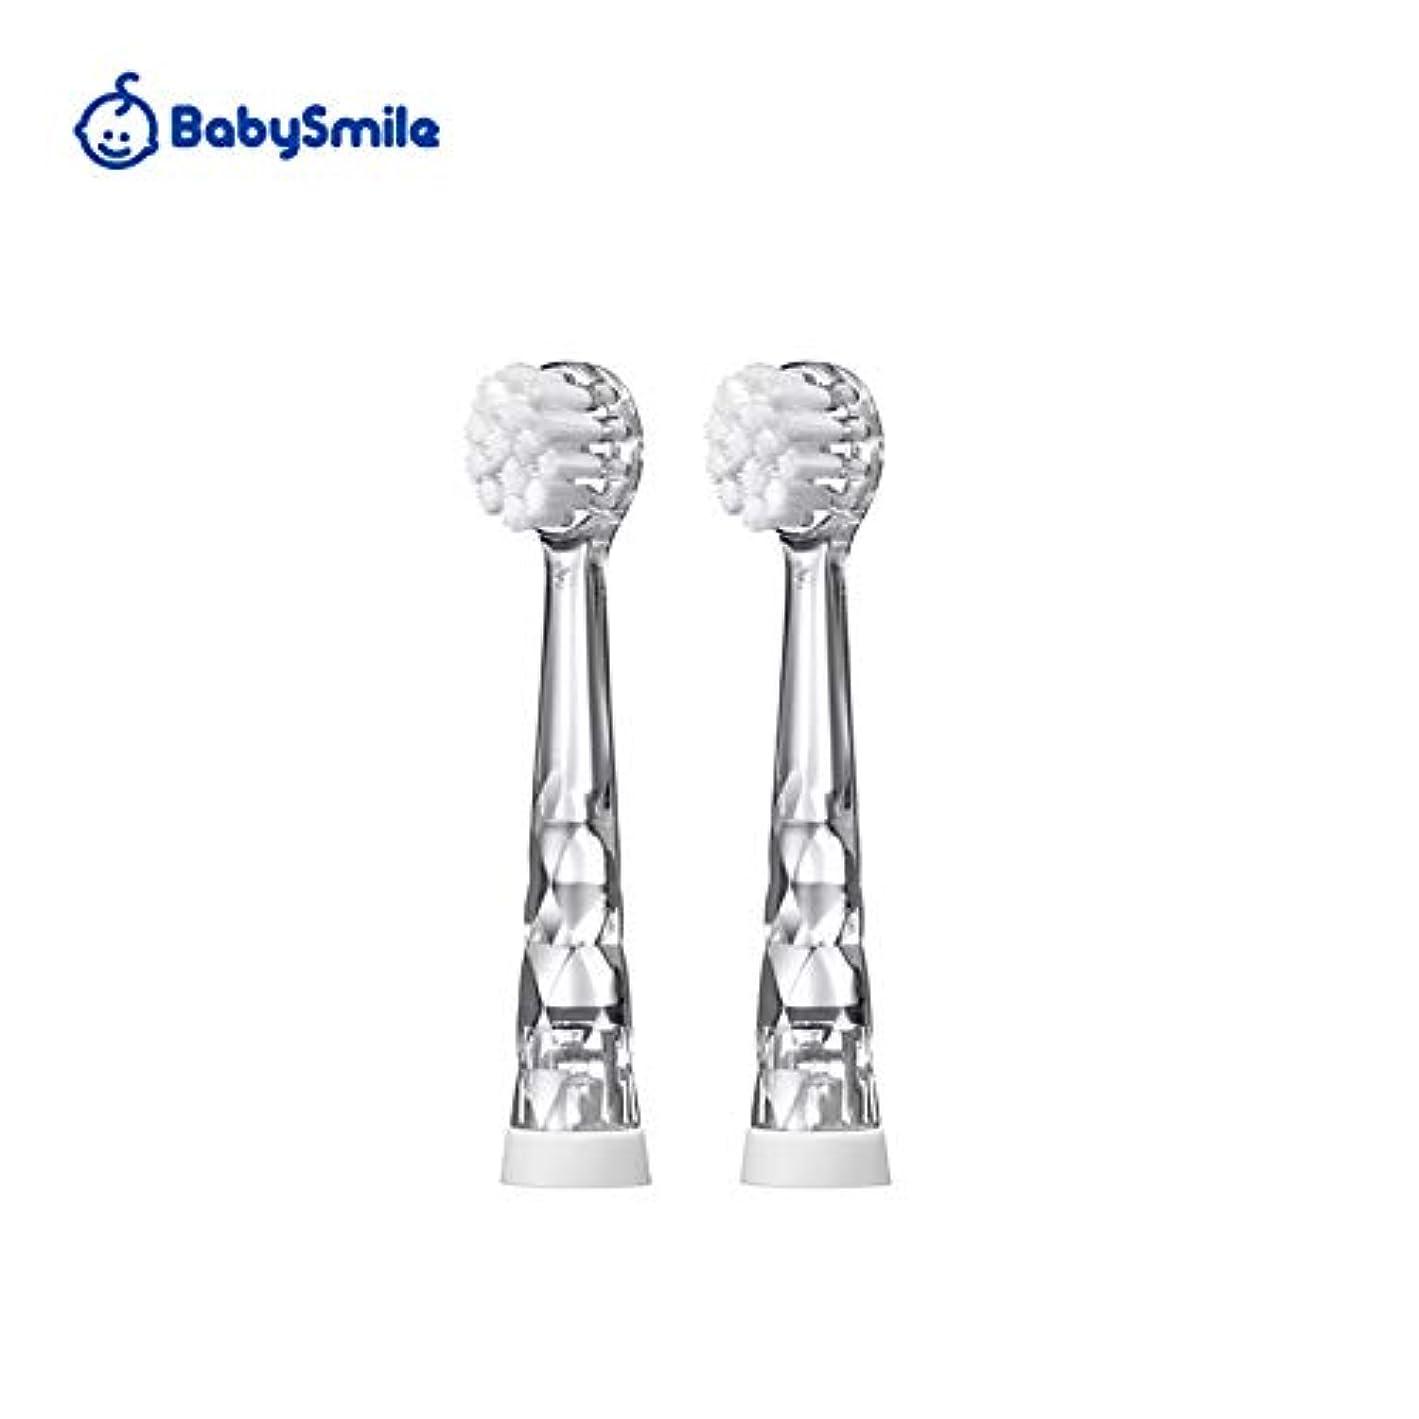 インシデント観点連合こども用電動歯ブラシ ベビースマイルレインボー替えブラシ(ソフト) S-204RB